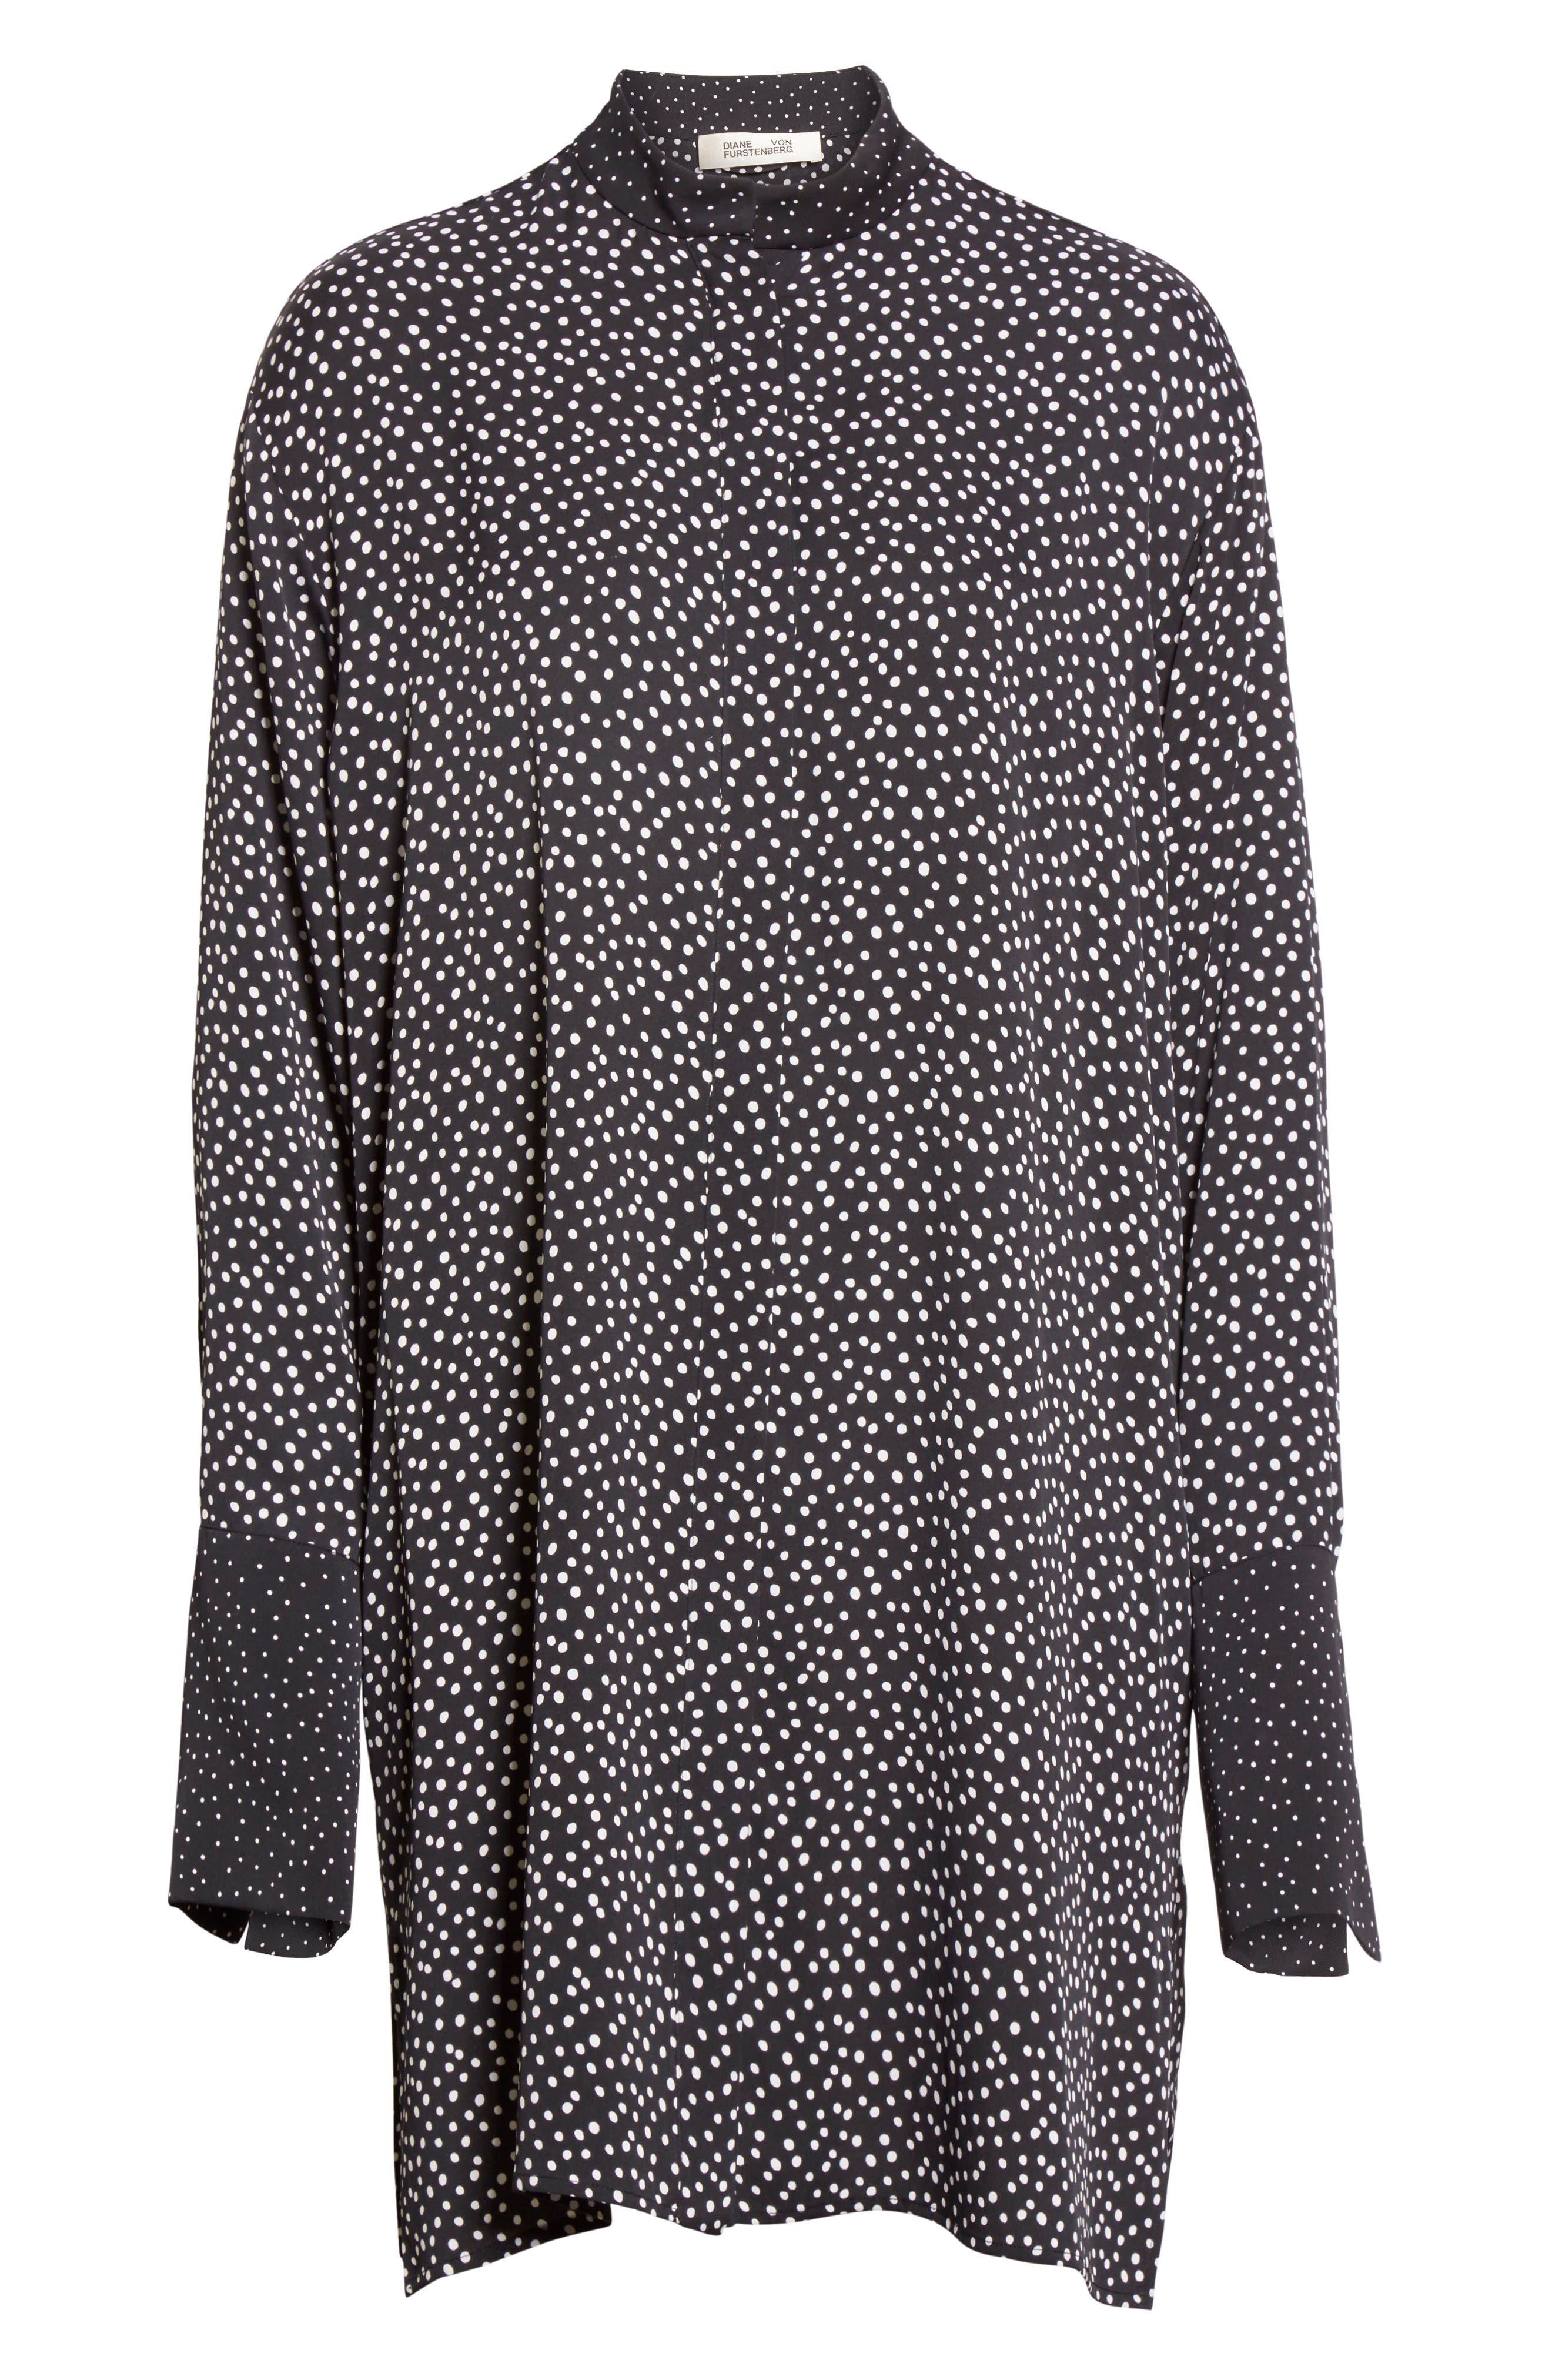 Silk Shirtdress,                             Alternate thumbnail 6, color,                             Orillon Dot Black